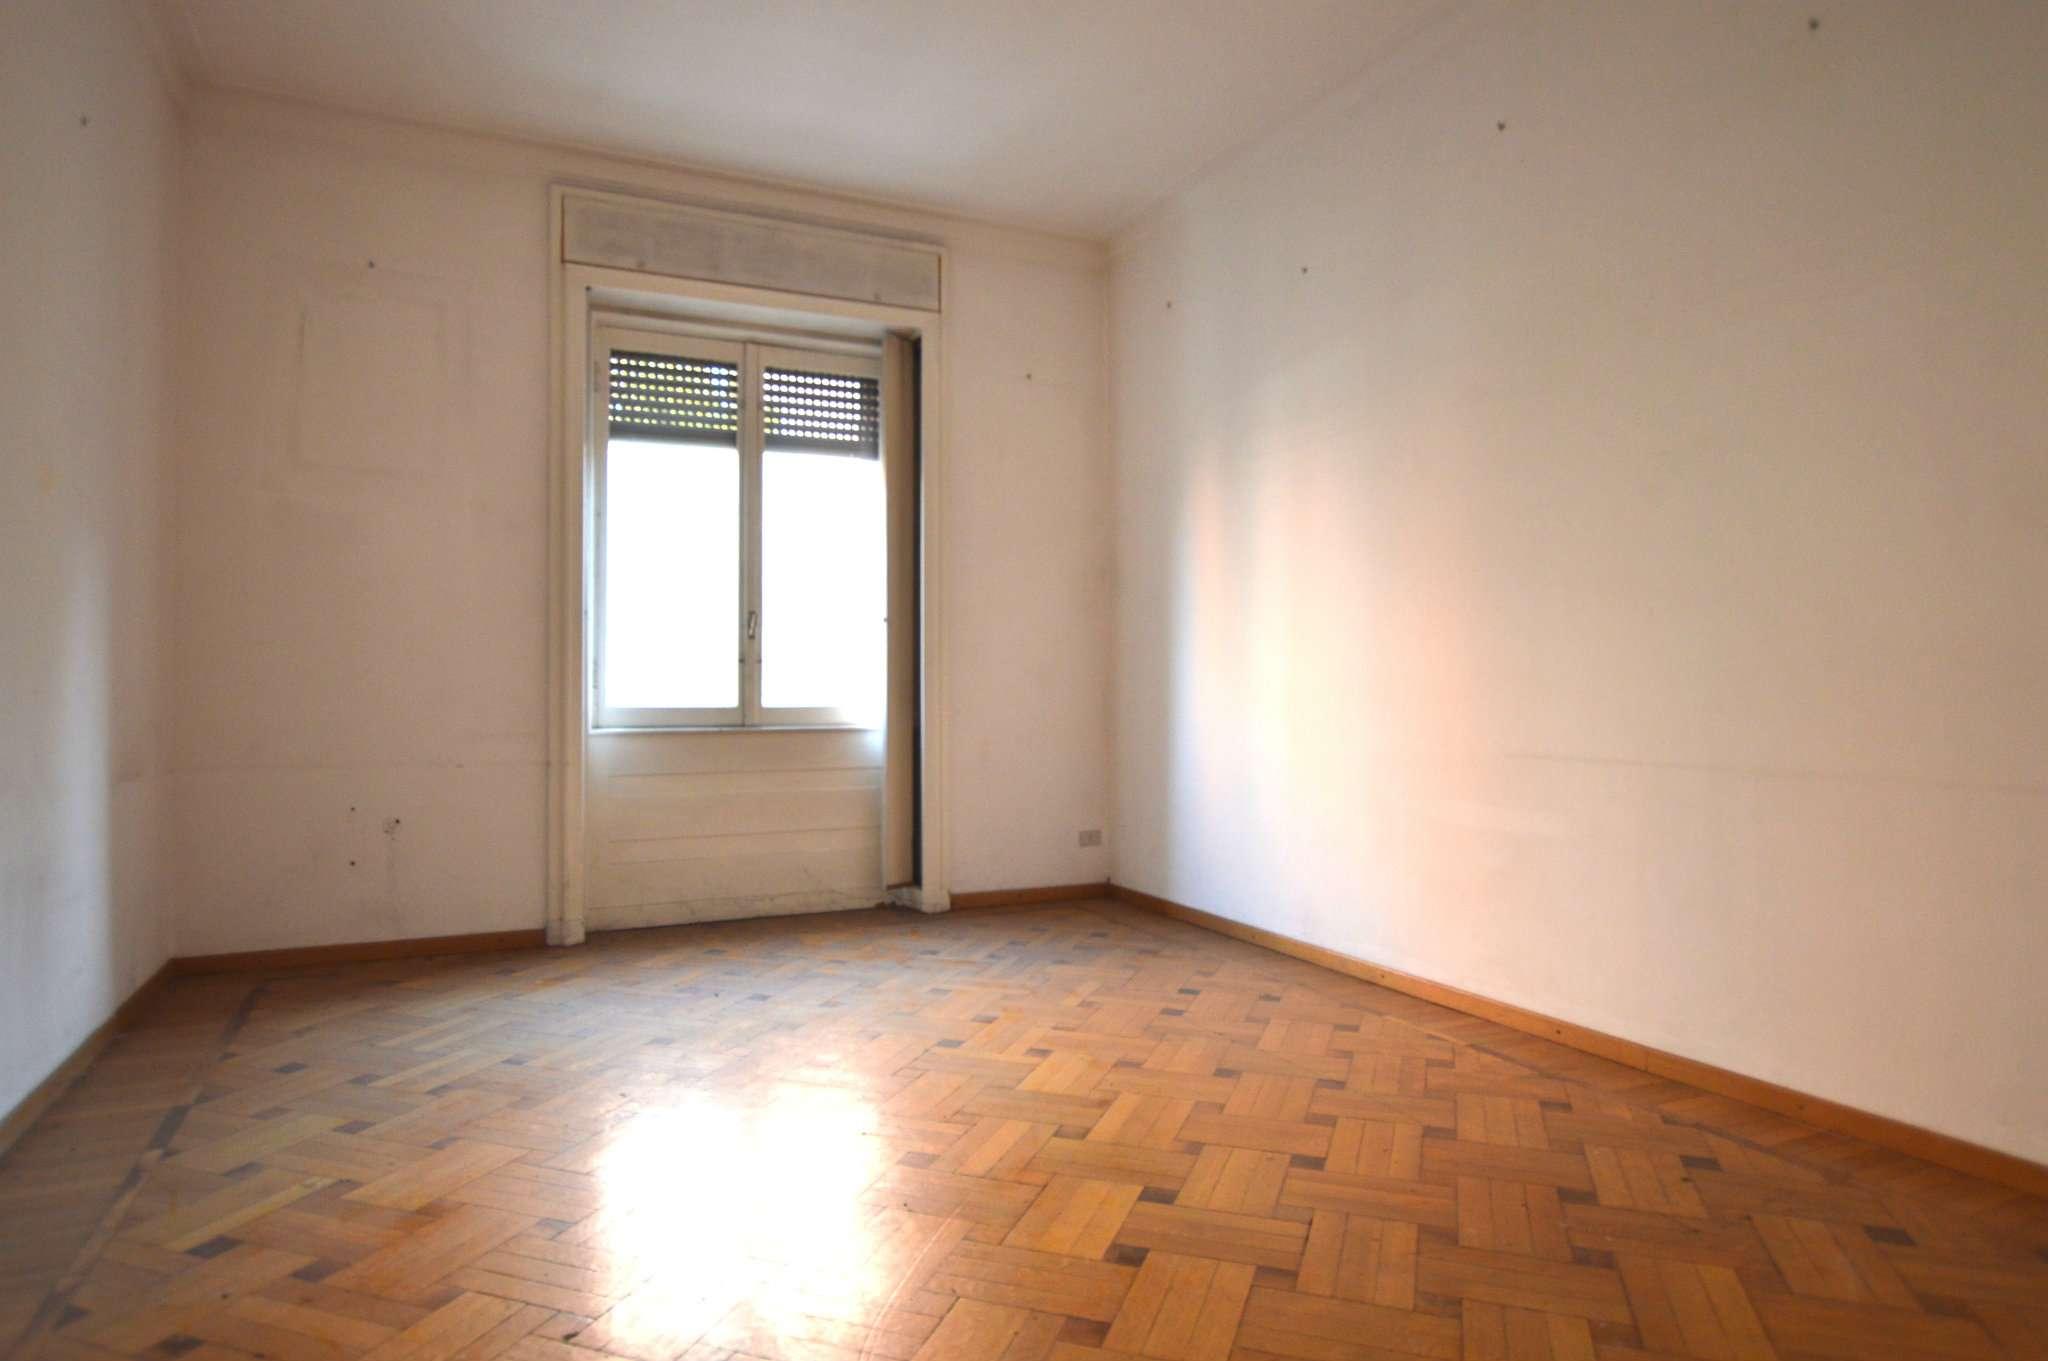 Appartamento in affitto a milano via della moscova for Appartamento design affitto milano